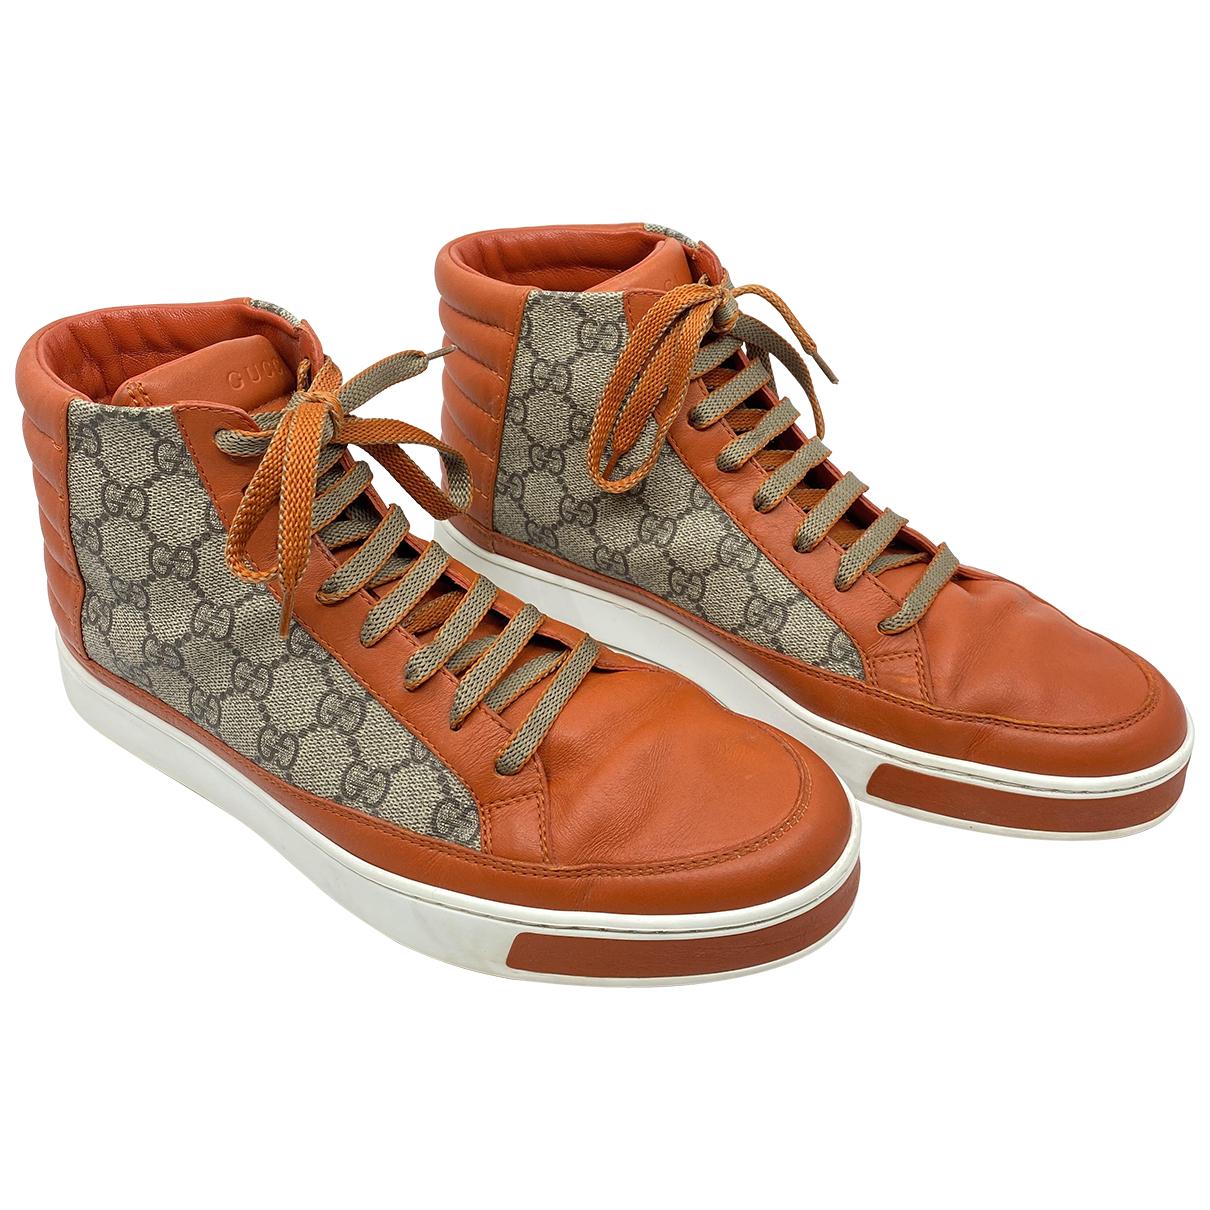 Gucci - Baskets Ace pour femme en cuir - orange